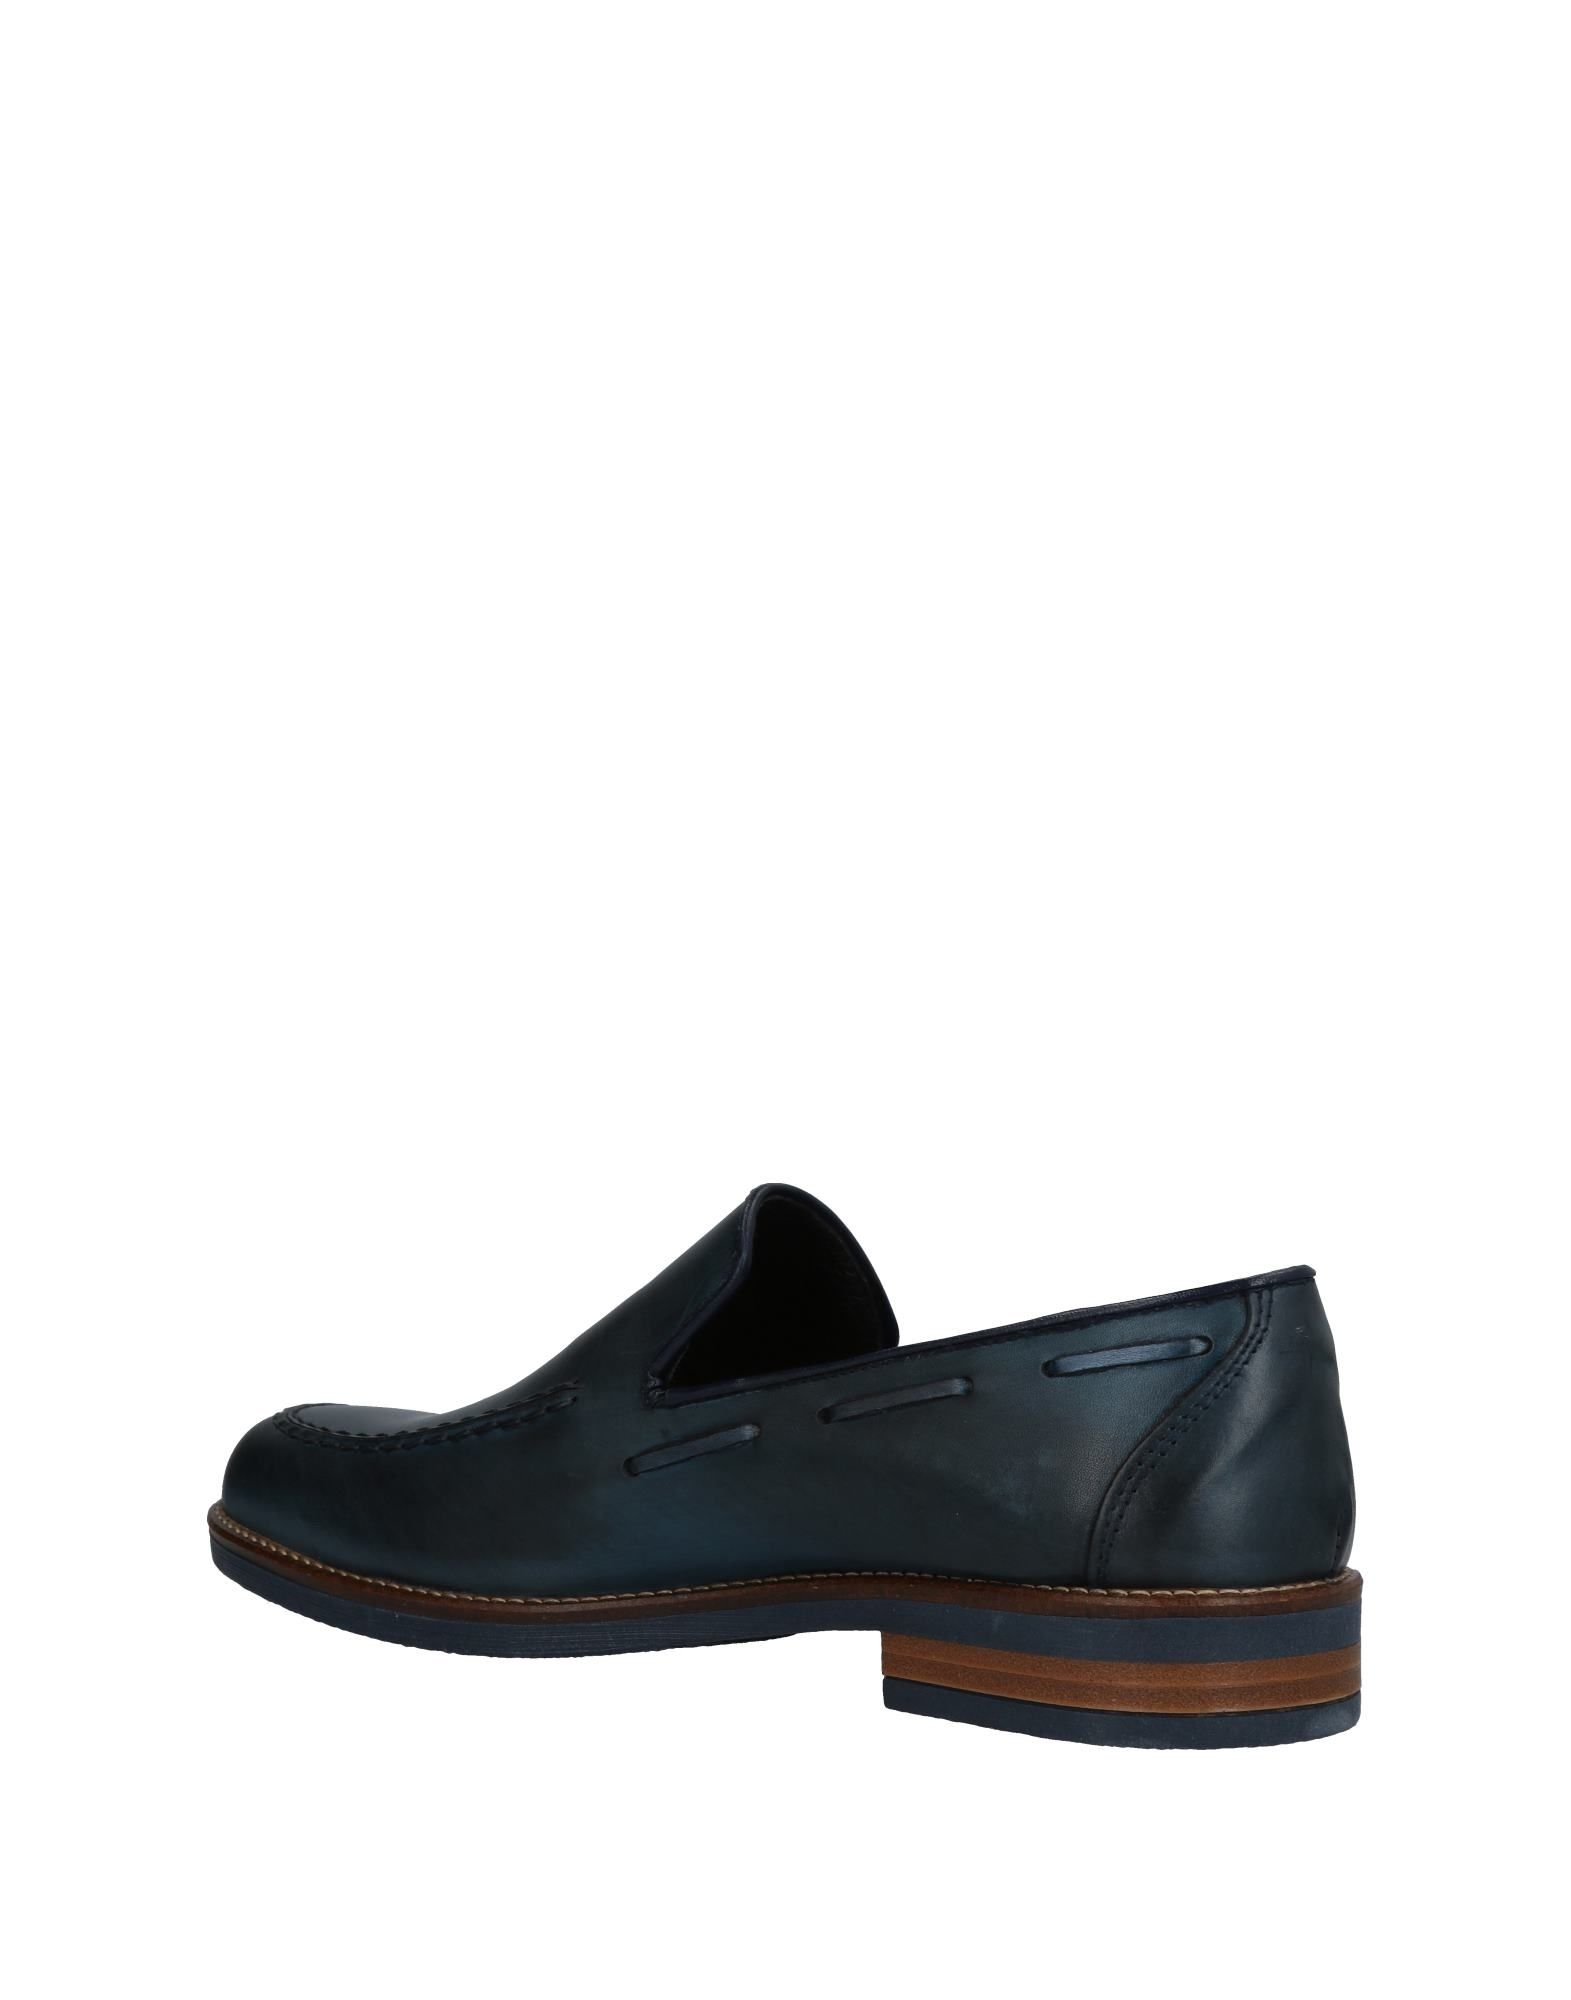 Rabatt echte Schuhe Herren Brawn's Mokassins Herren Schuhe  11455998GV a5ce09